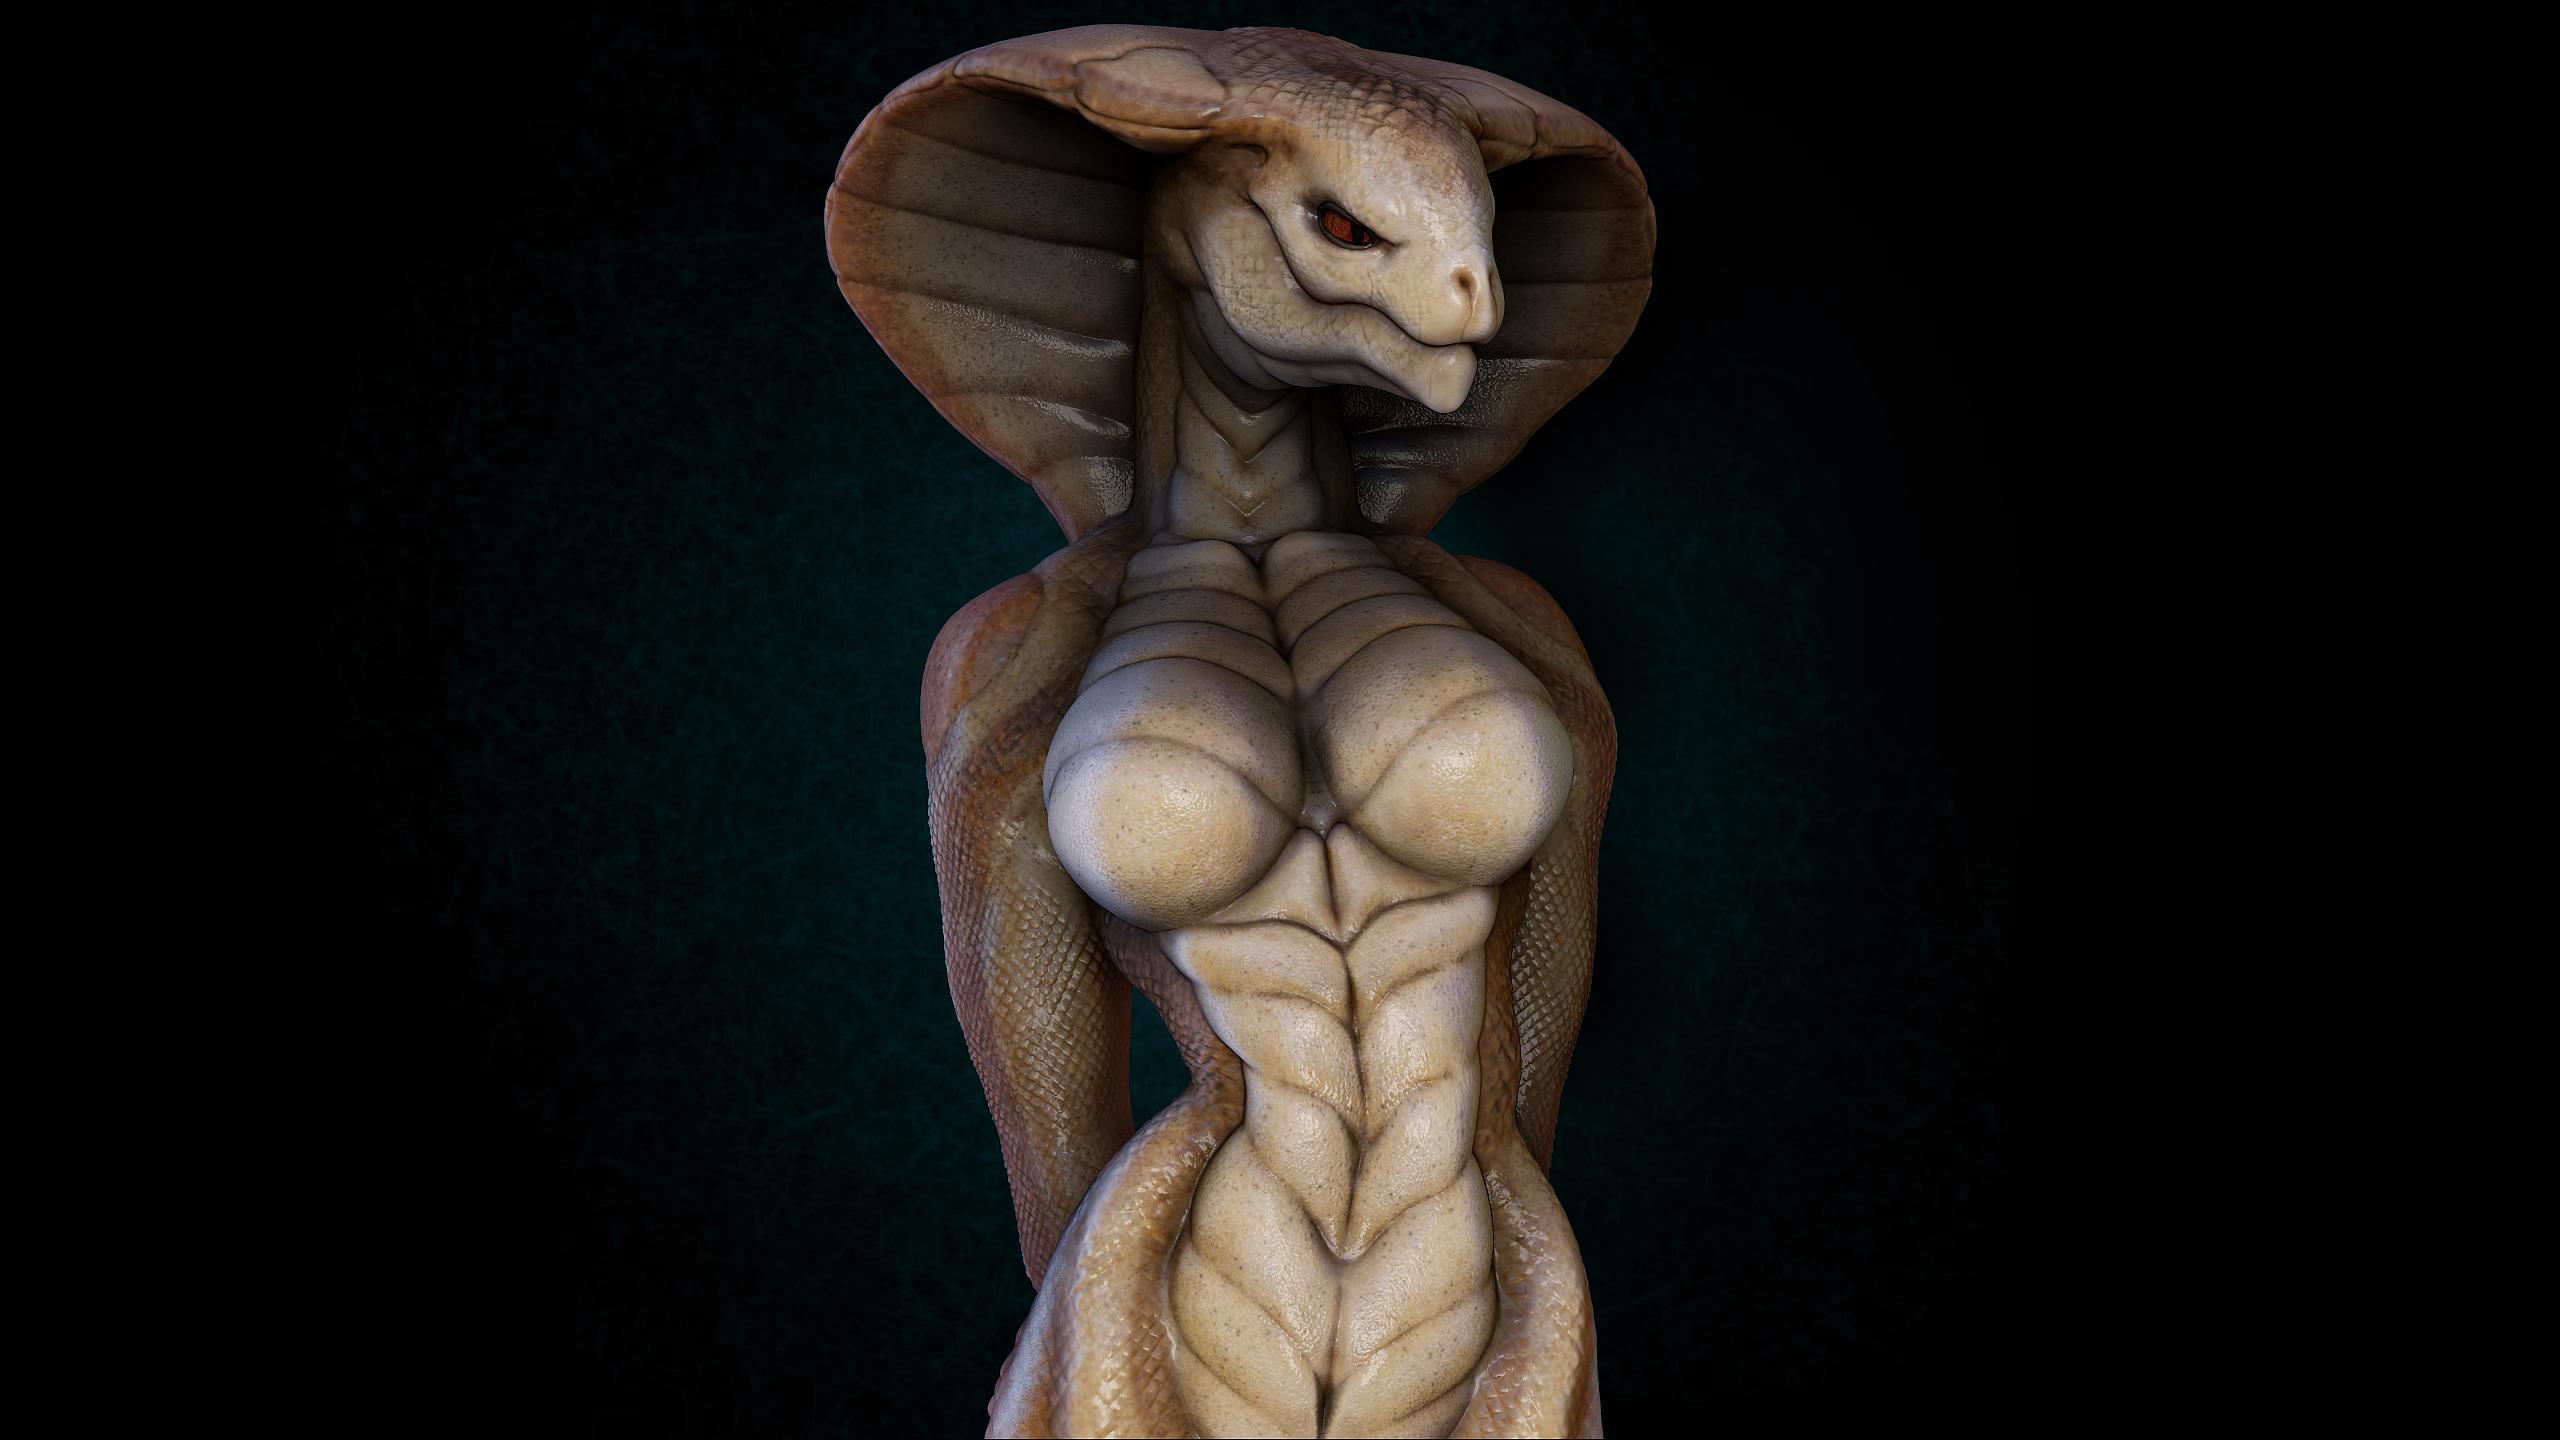 cobras-naked-women